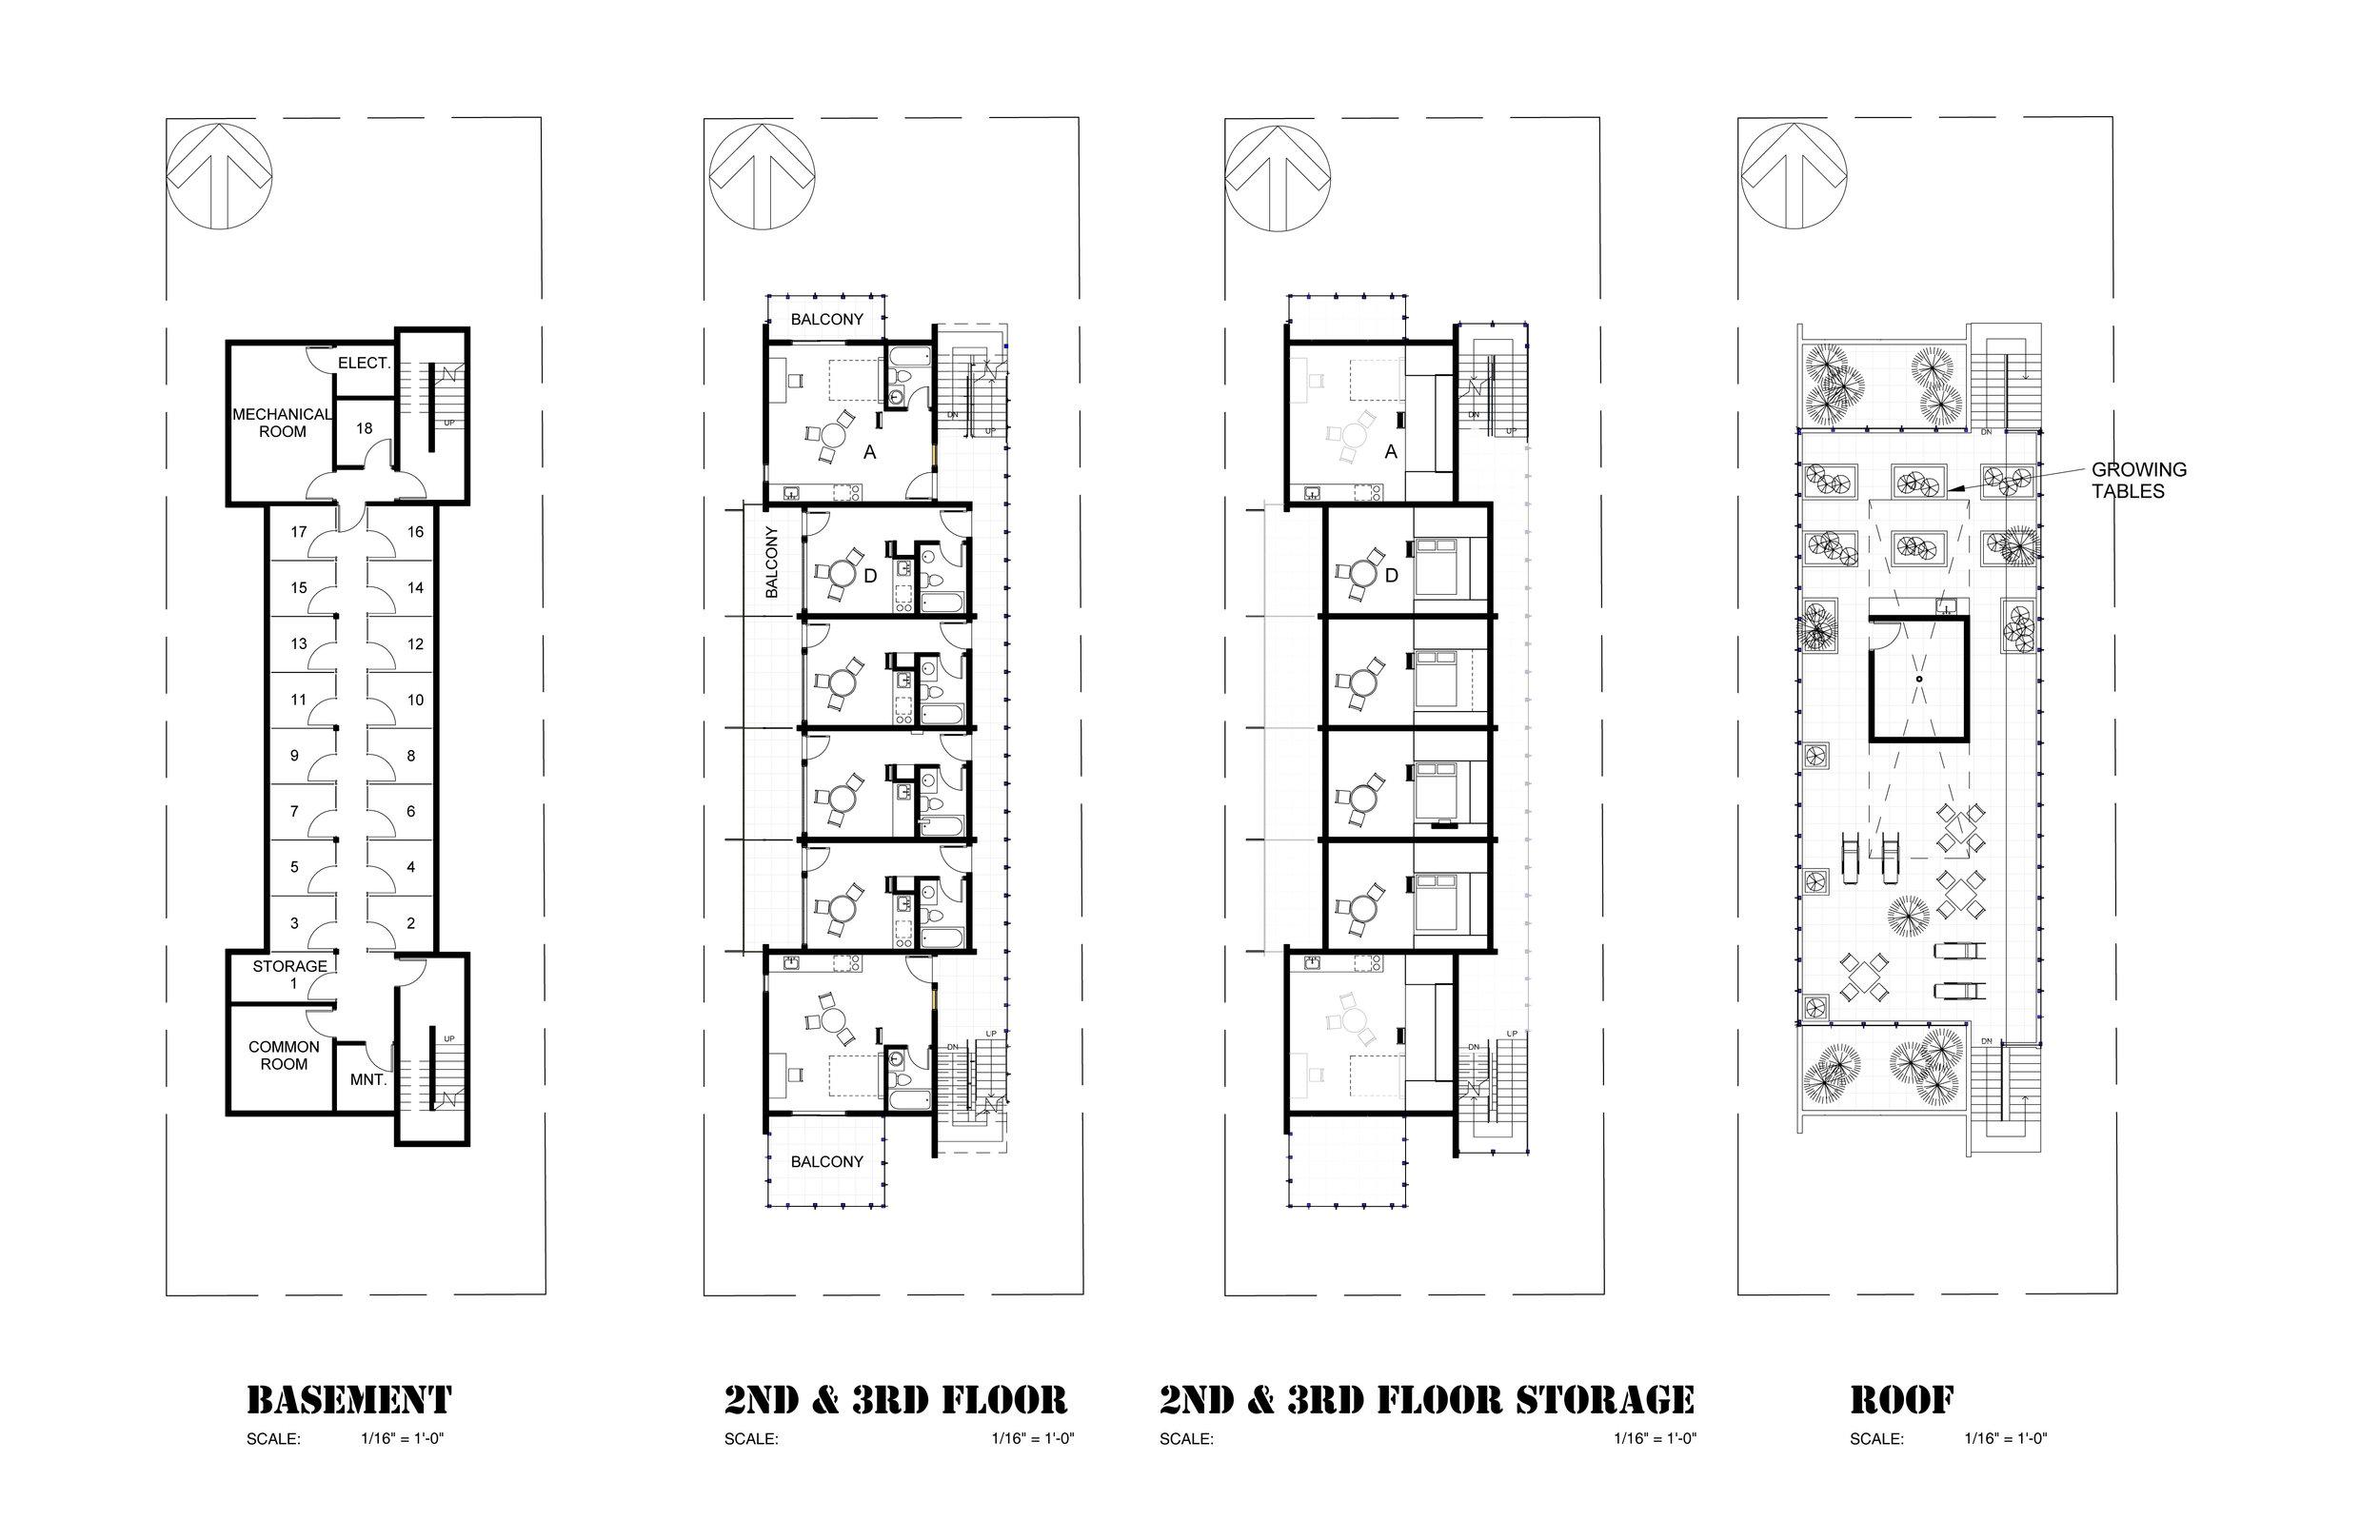 MirceaProject - Sheet - A 102 - Second and Third Floor Plan.jpg